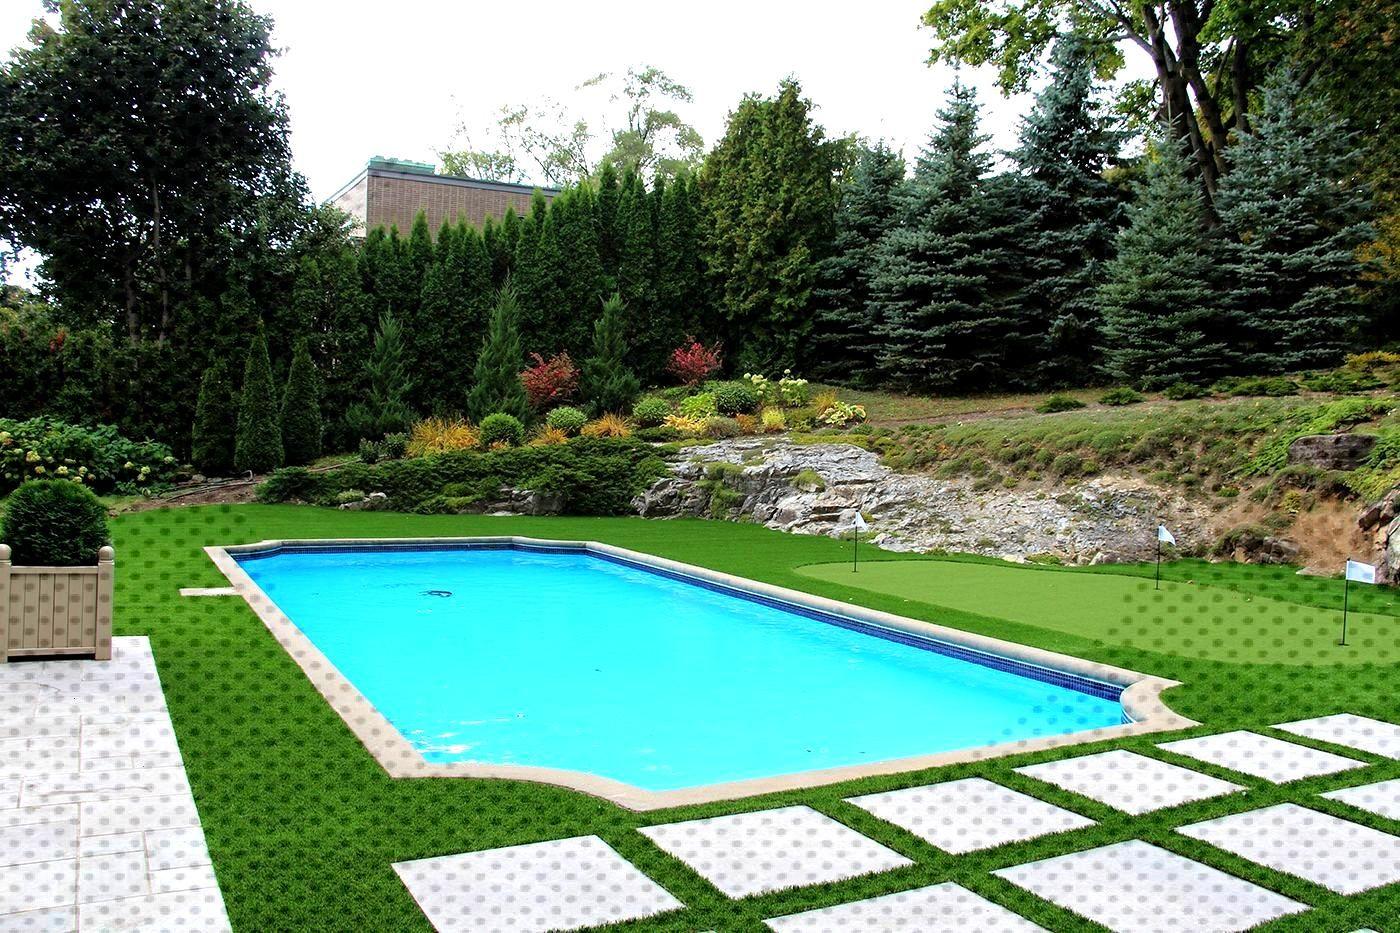 Tour De Piscine Gazon Synthetique synthetique #westmount #montreal #piscine #autour #quebec